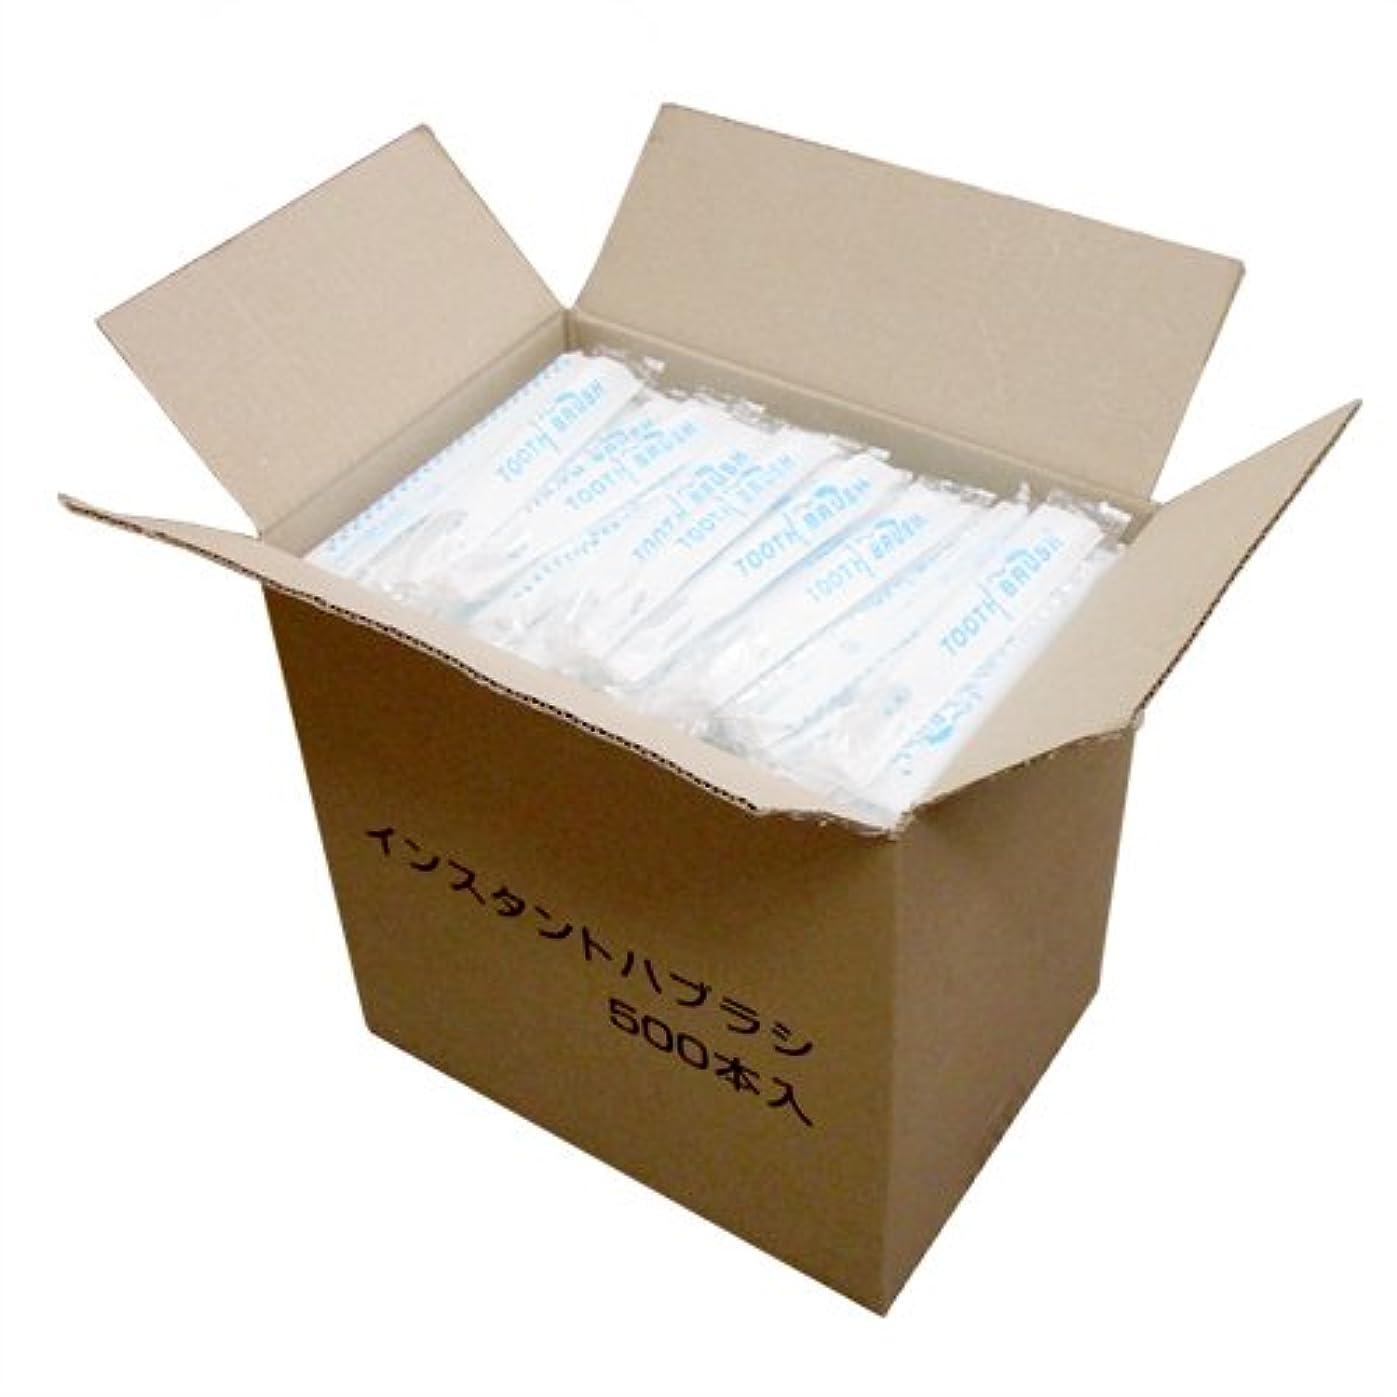 ズボンファン有効業務用 日本製 使い捨て粉付き歯ブラシ 個包装タイプ 500本入×1箱│ホテルアメニティ